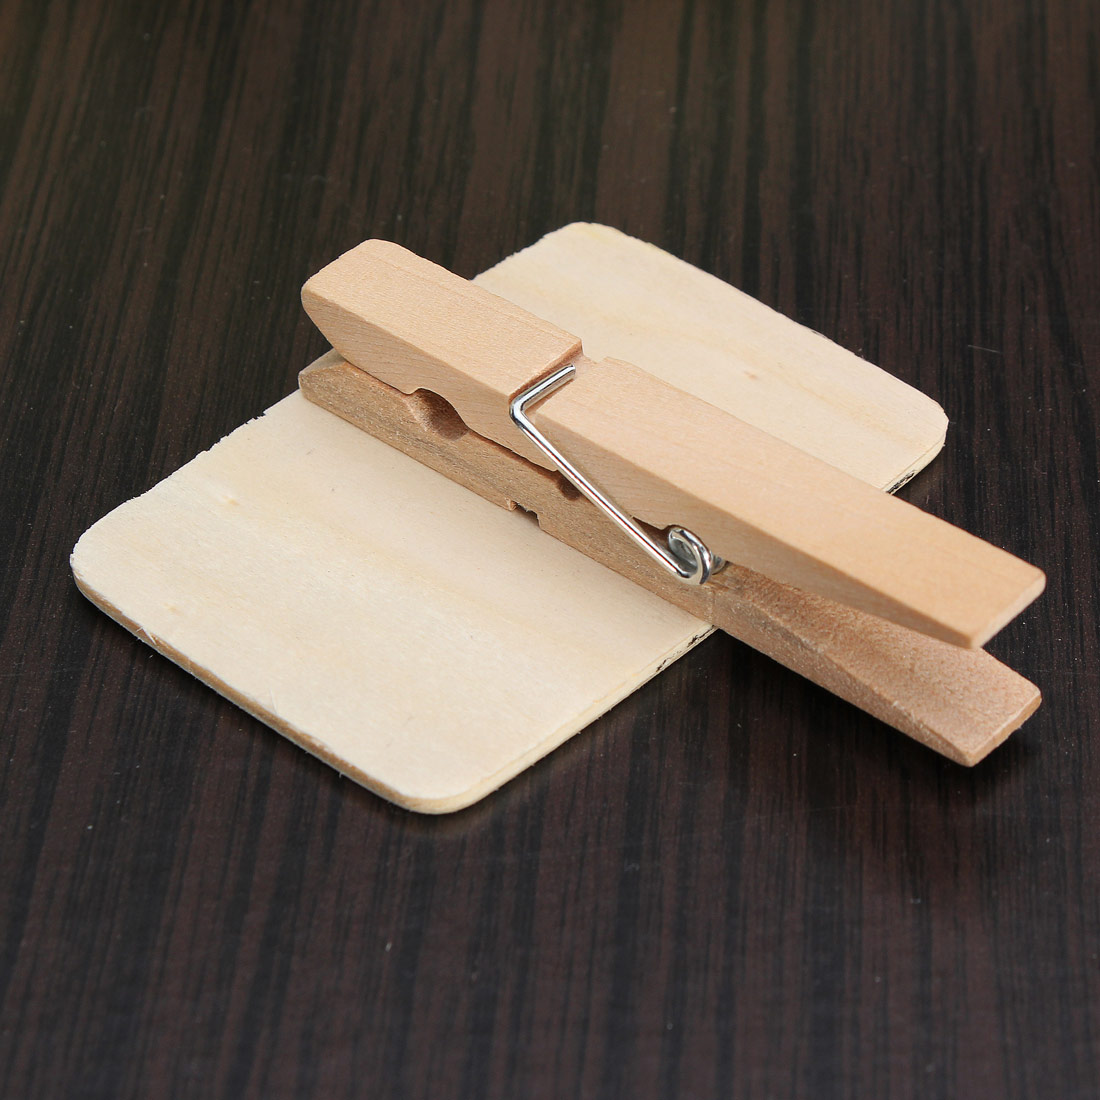 5 50 st tafel memotafel memoboard holz mini schreibtafel clip ...